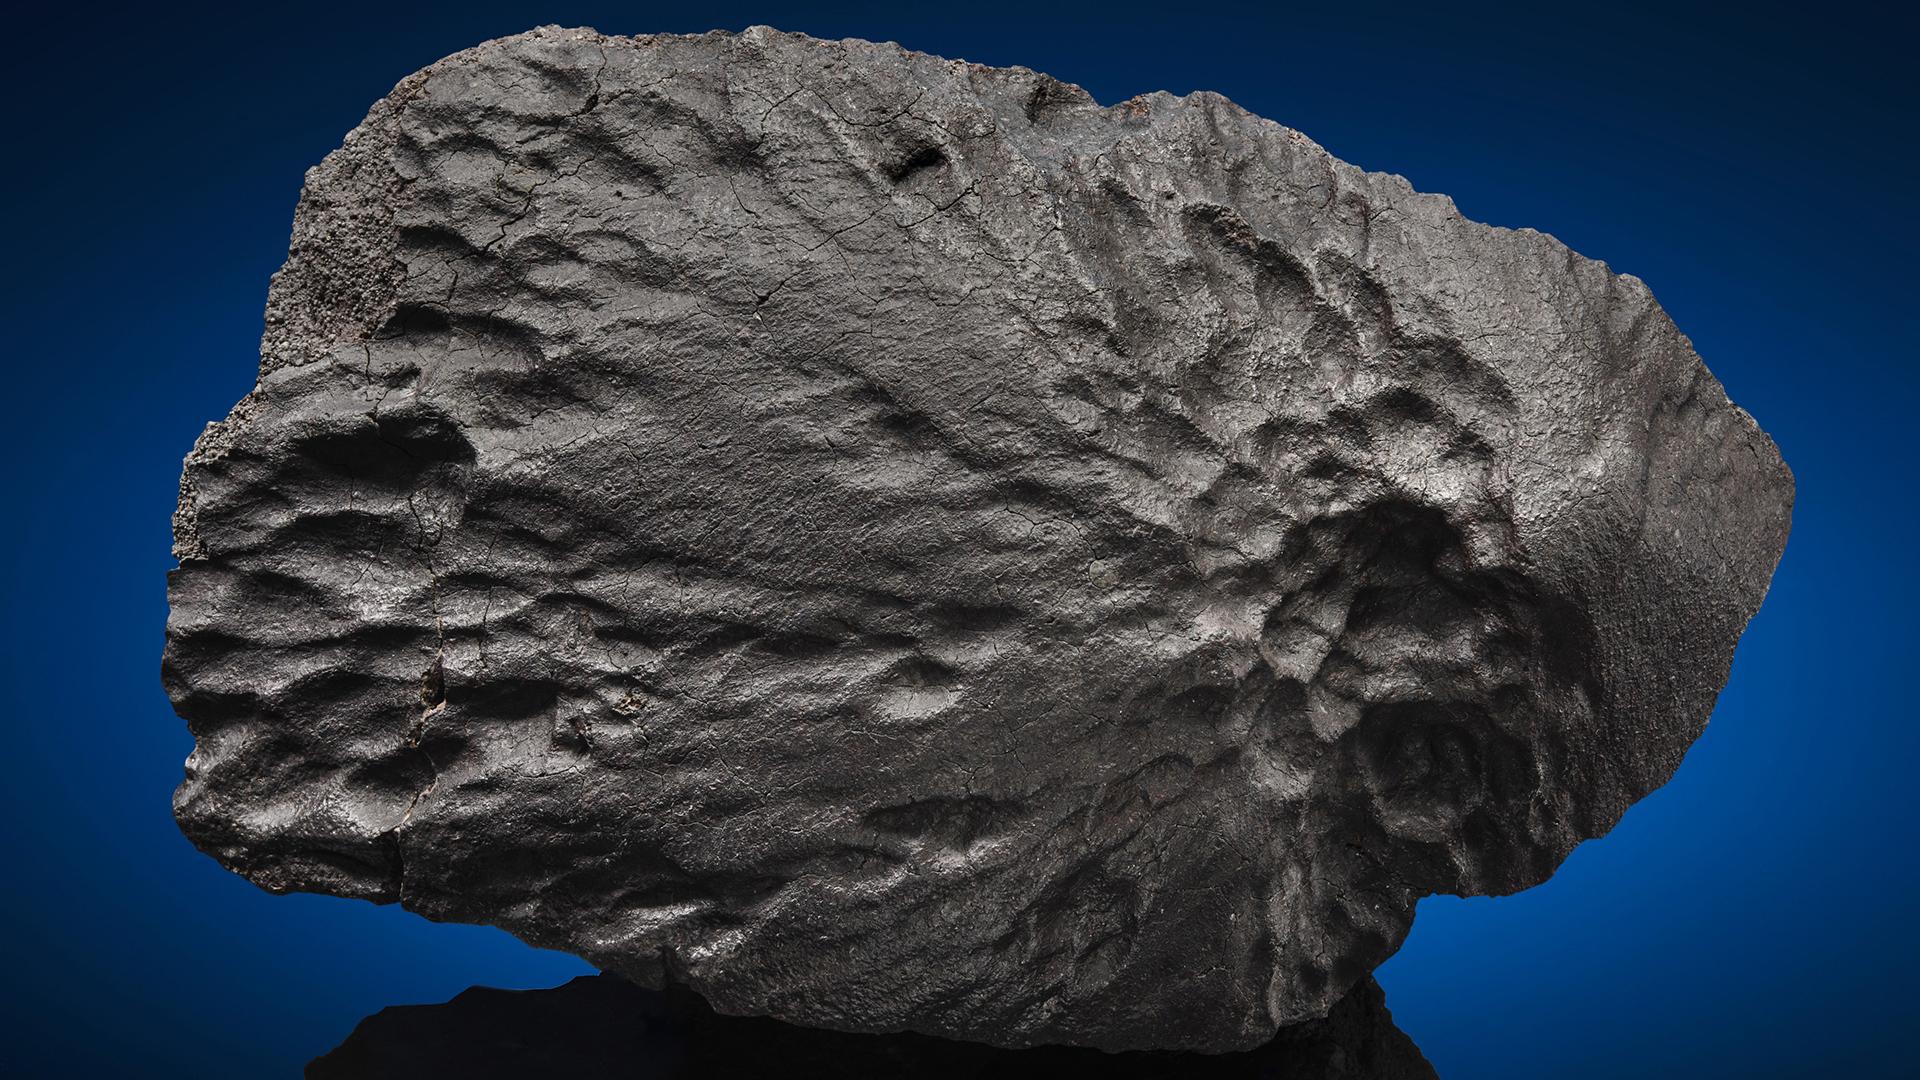 Contrairement à 99% de toutes les météorites, ce spécimen a subi un minimum de chute lors de sa plongée dans notre atmosphère.